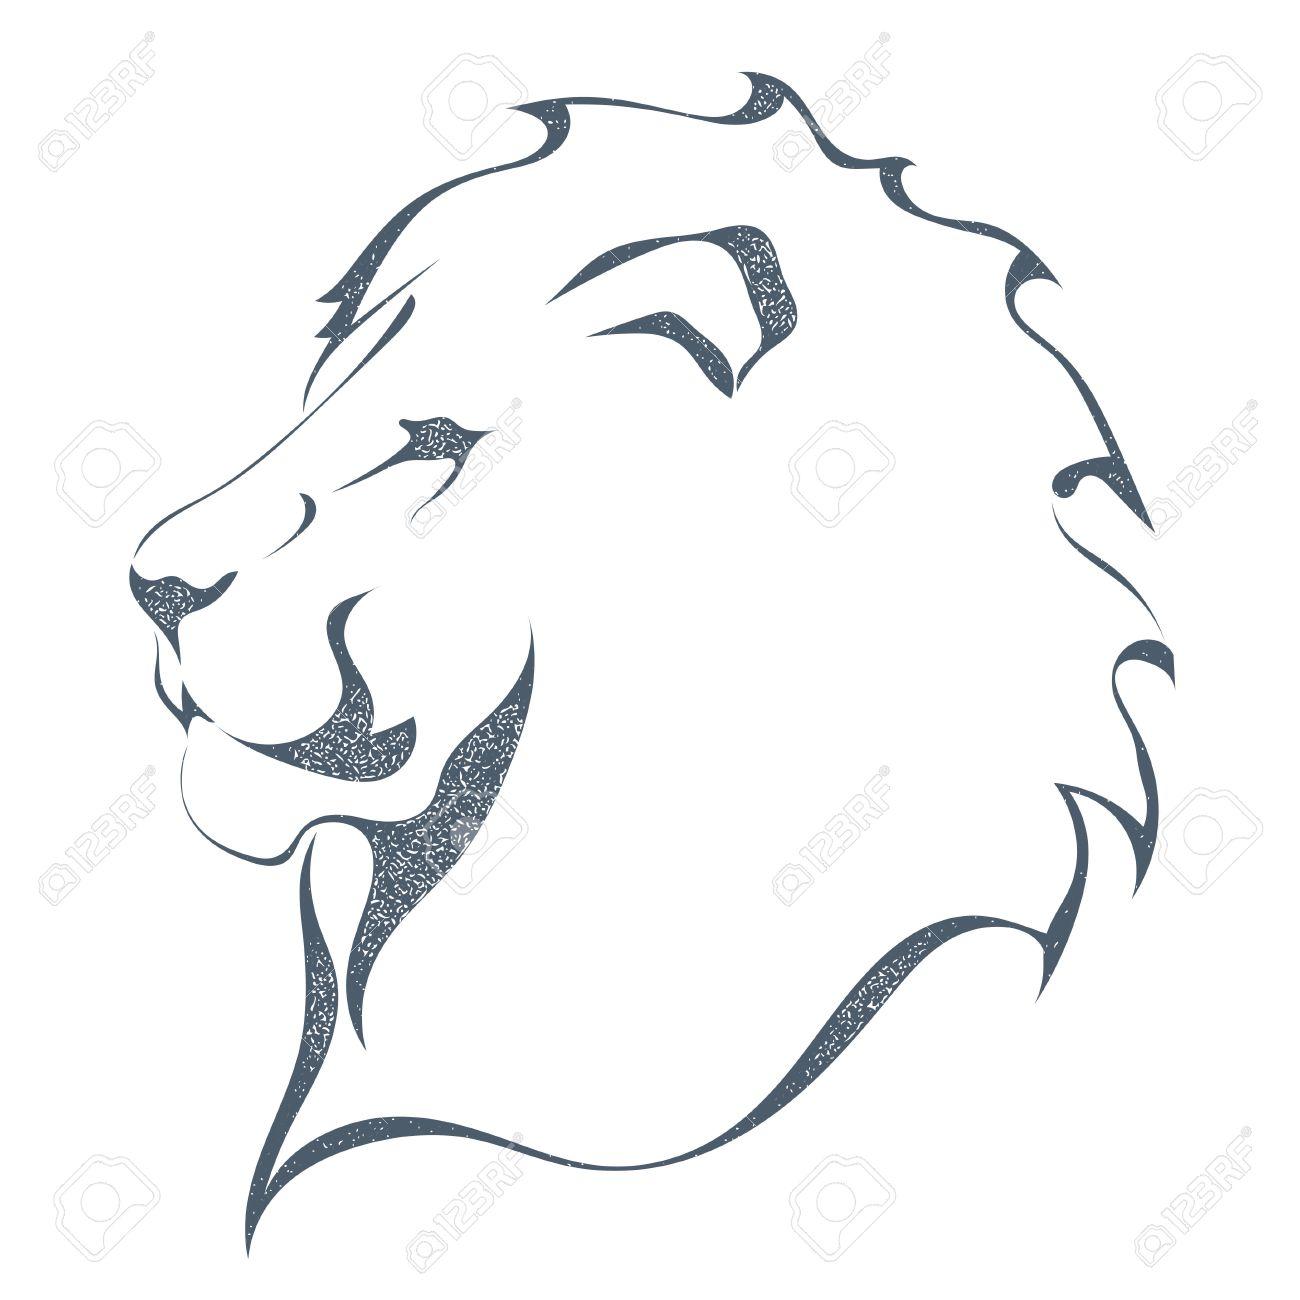 Sketch Silhouette Noire De La Tête D Un Lion Dans Le Profil Isolé Sur Fond Blanc Le Roi De Tous Les Animaux Le Style Grunge La Force Et La Fierté